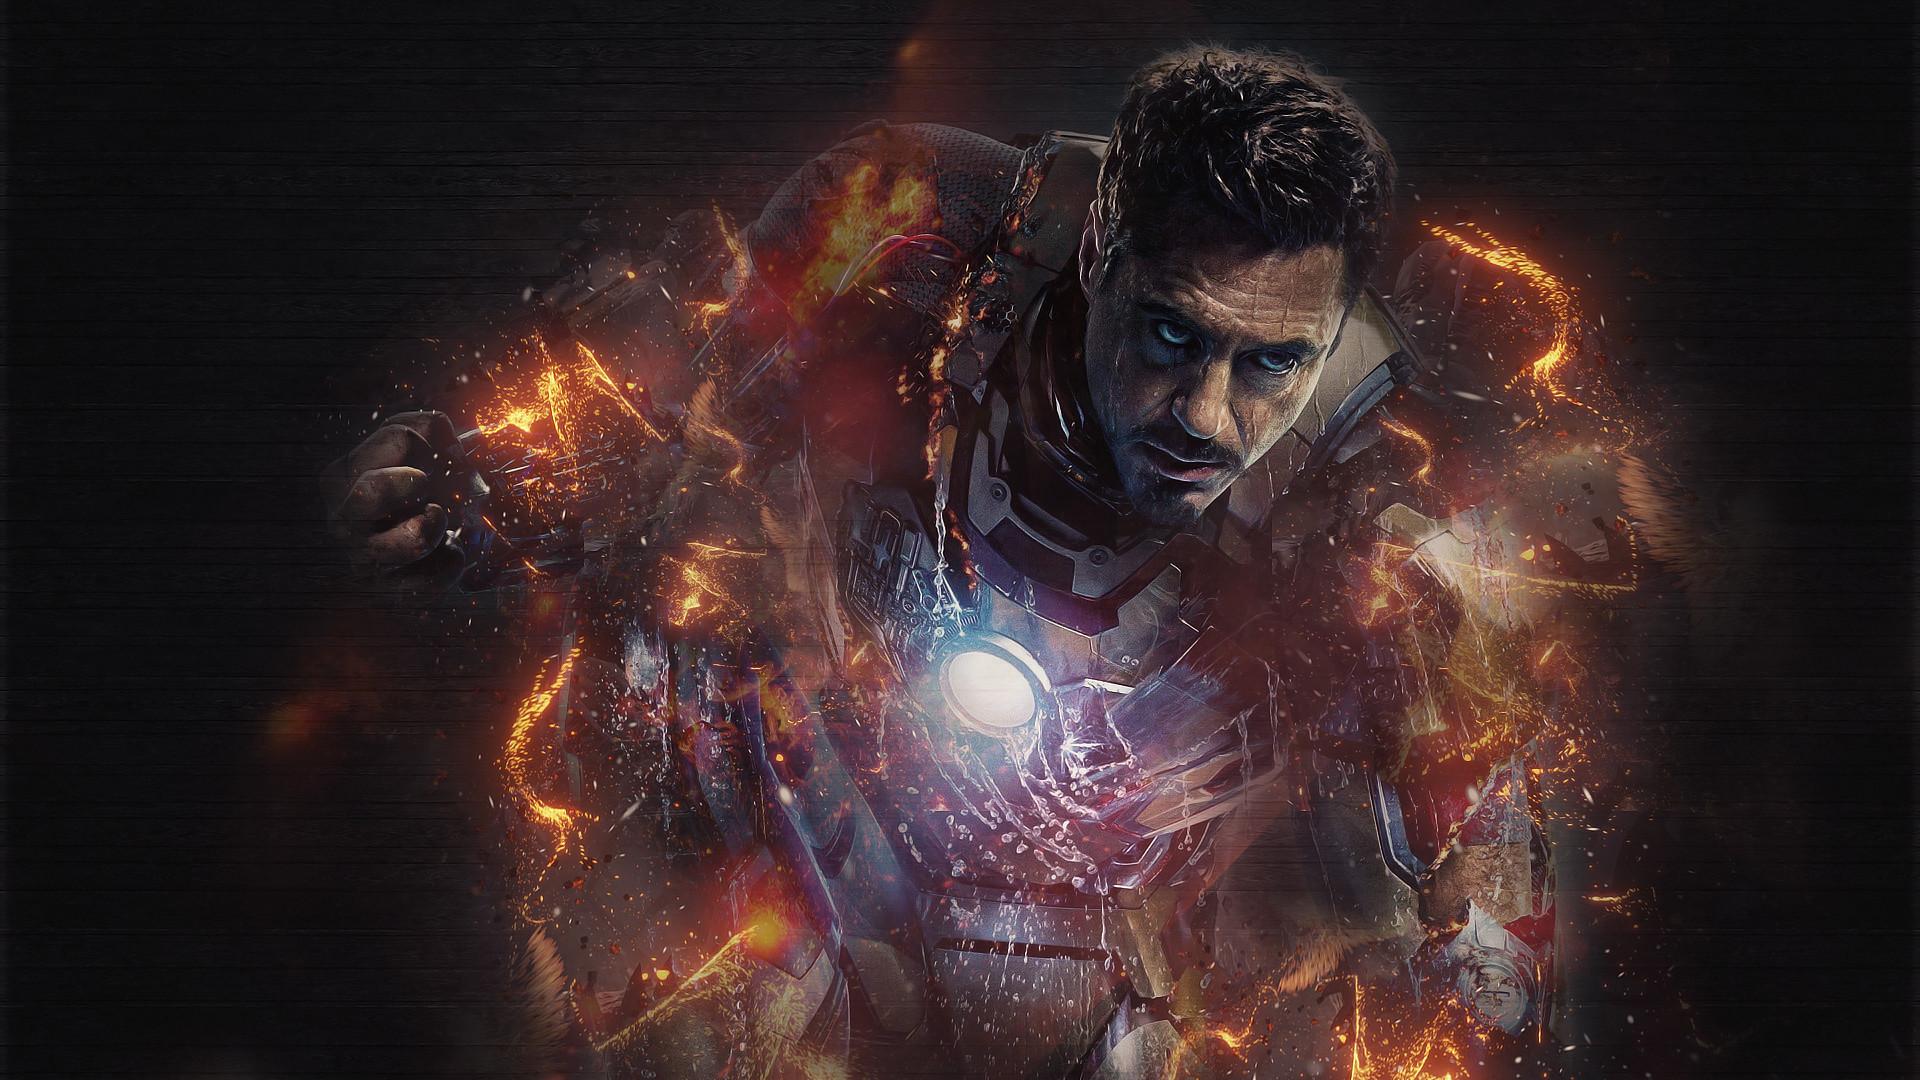 Free Download Iron Man Full Hd Wallpapers Free Download Iron Man Suits Wallpaper Hd 1920x1080 Download Hd Wallpaper Wallpapertip